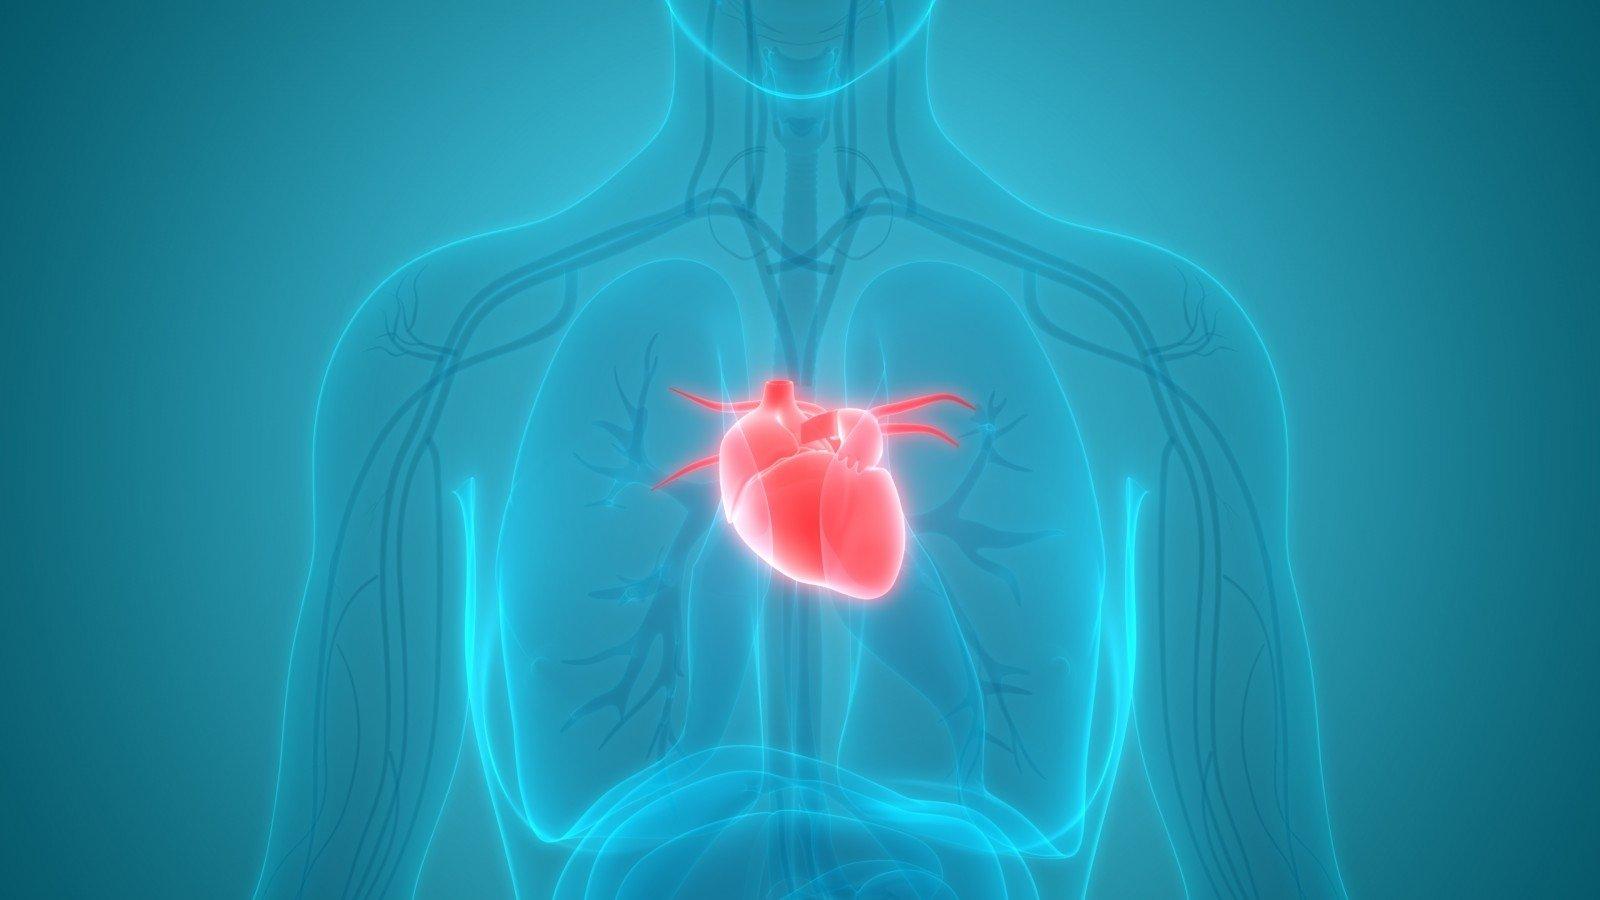 kokia yra fizinio krūvio nauda širdies sveikatai